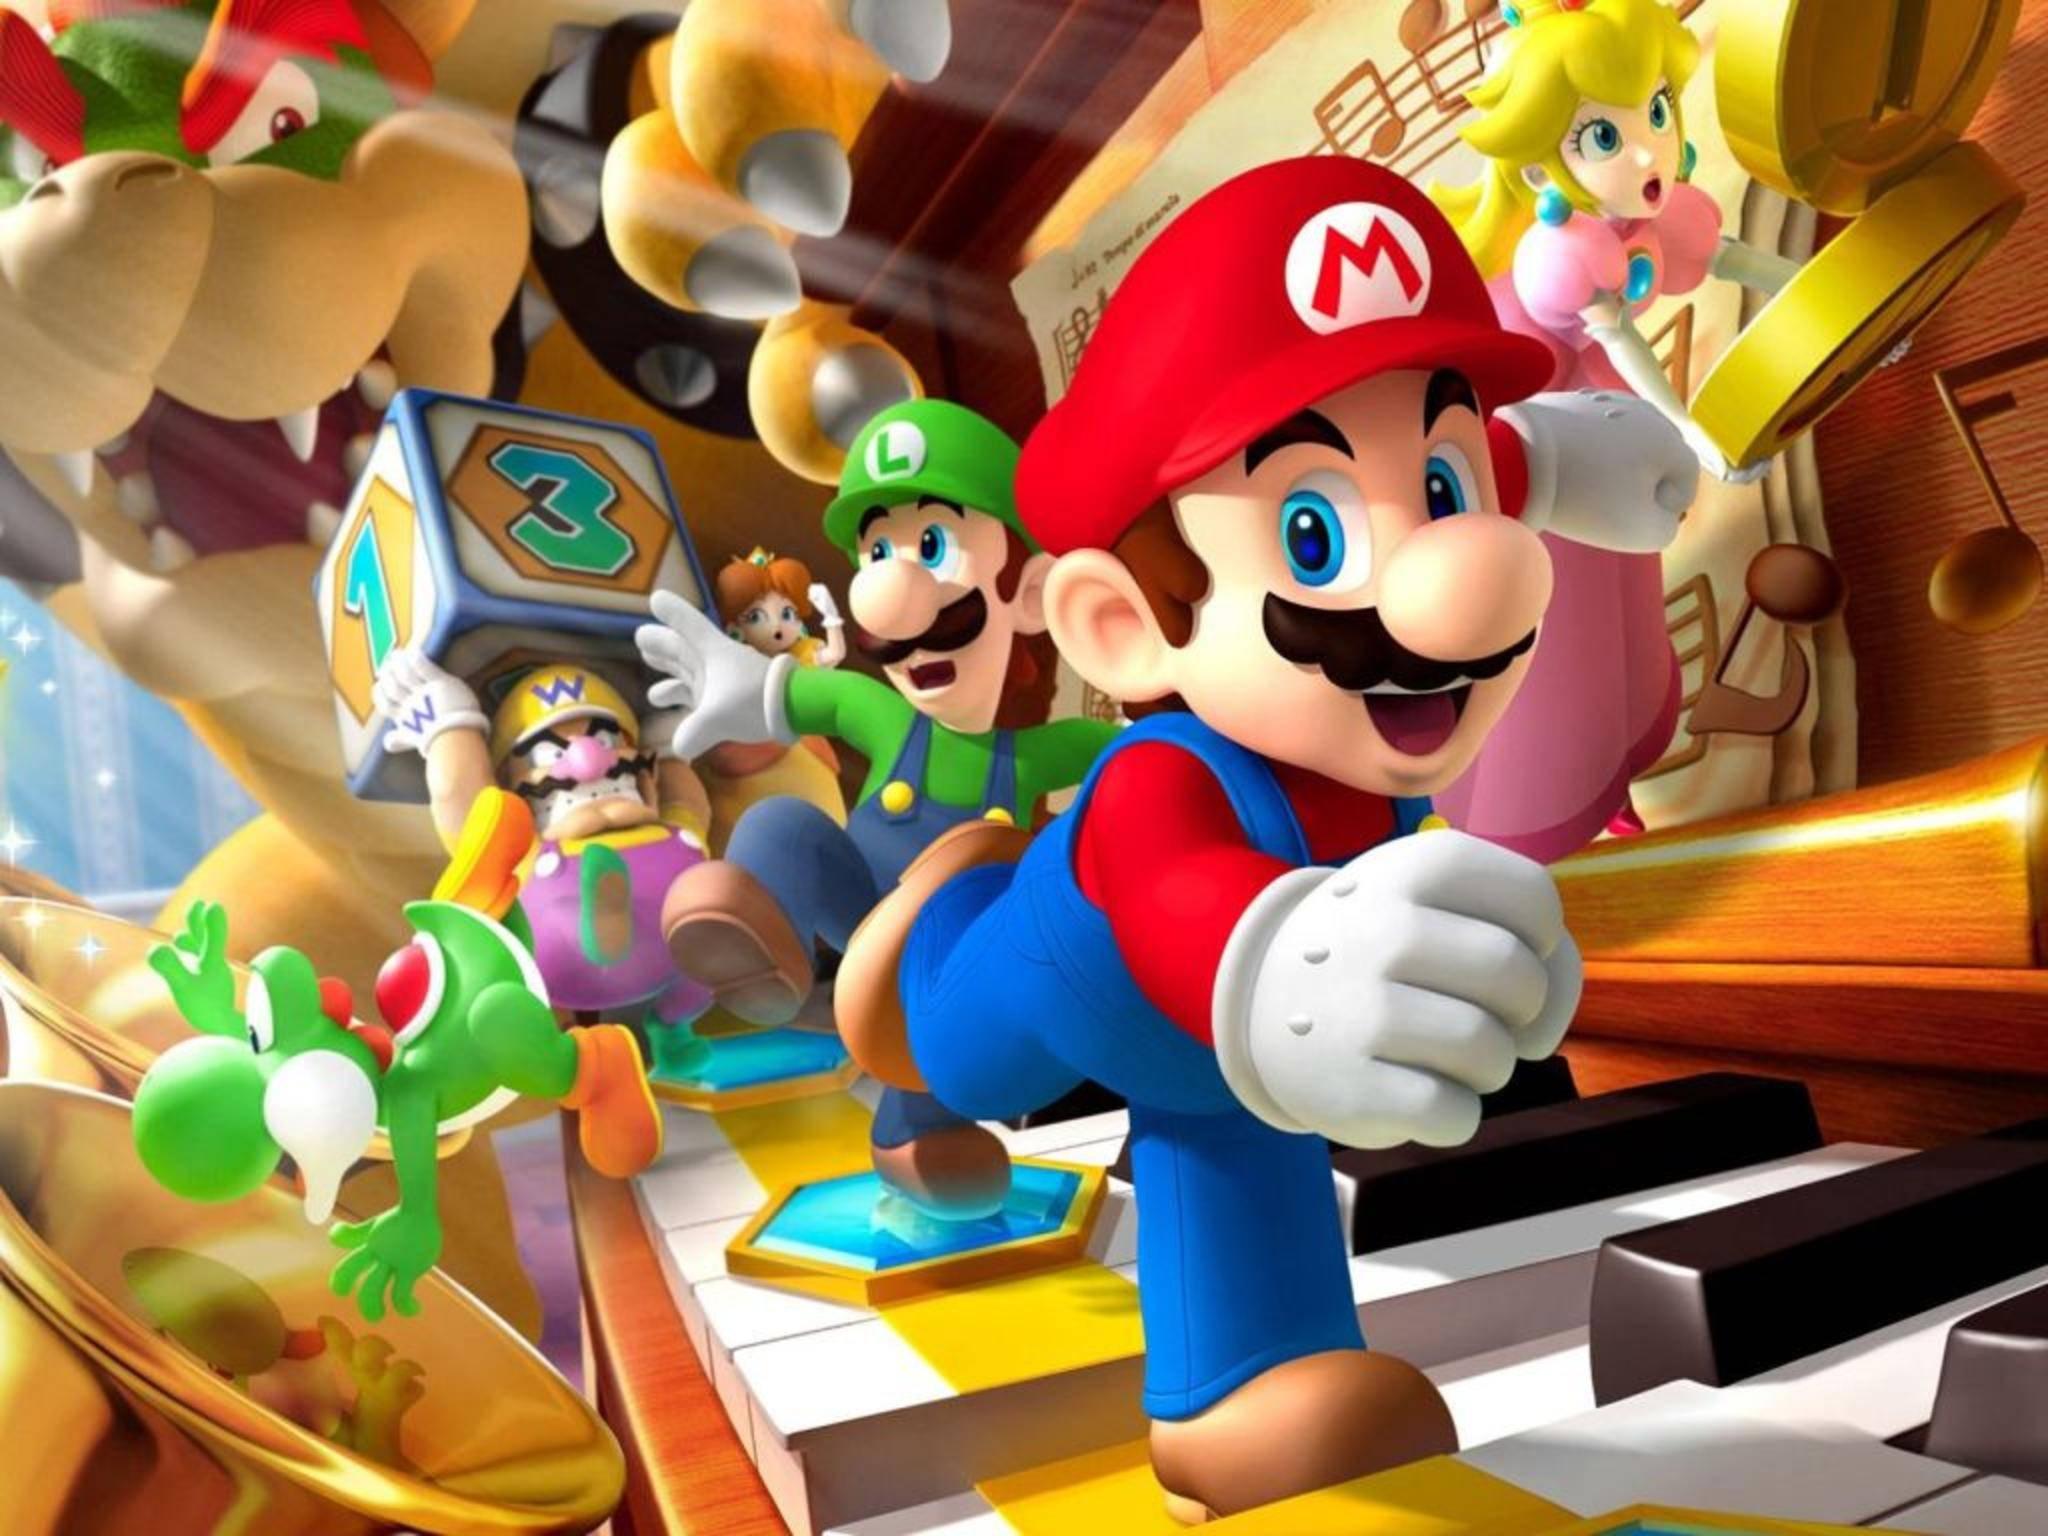 Sollte die Nintendo NX vorgestellt werden, dürfte Super Mario sicher nicht fehlen.